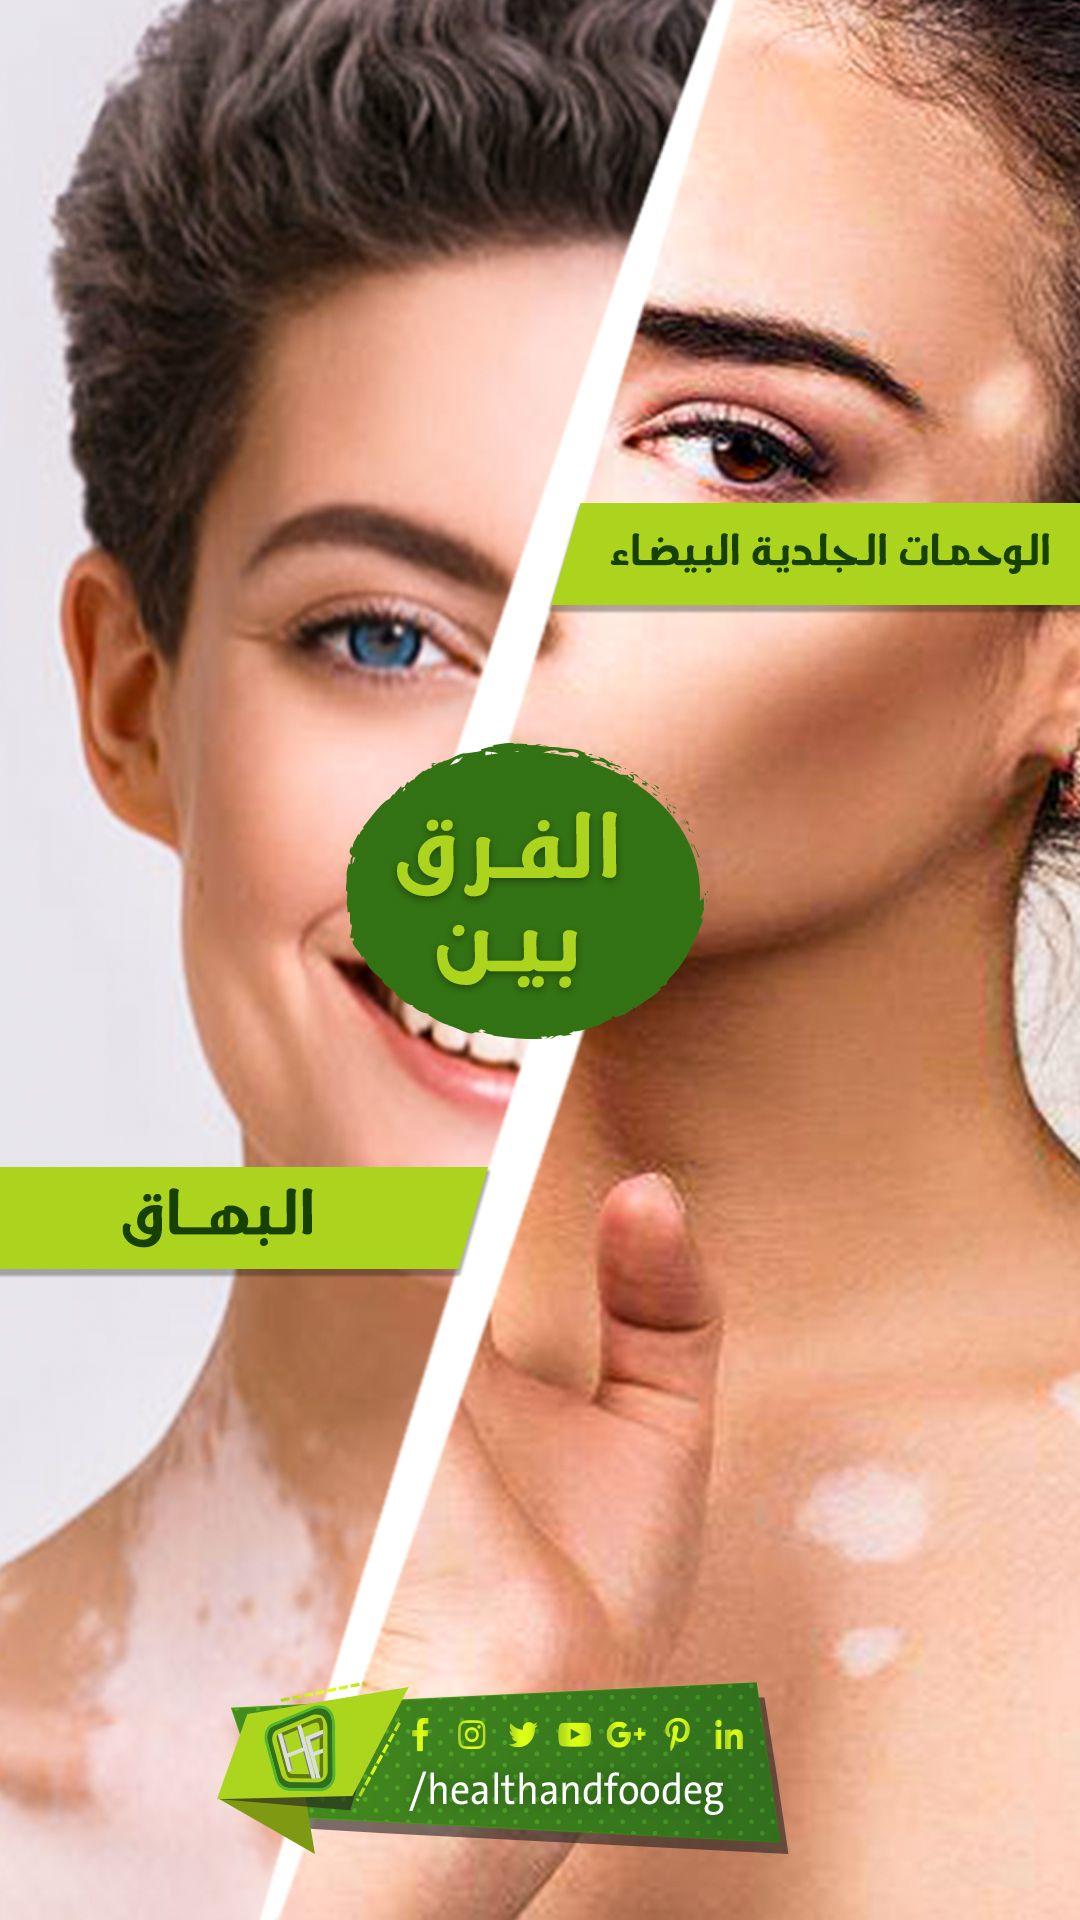 أضف استشارتك الدكتور احمد ابو النصر Incoming Call Incoming Call Screenshot